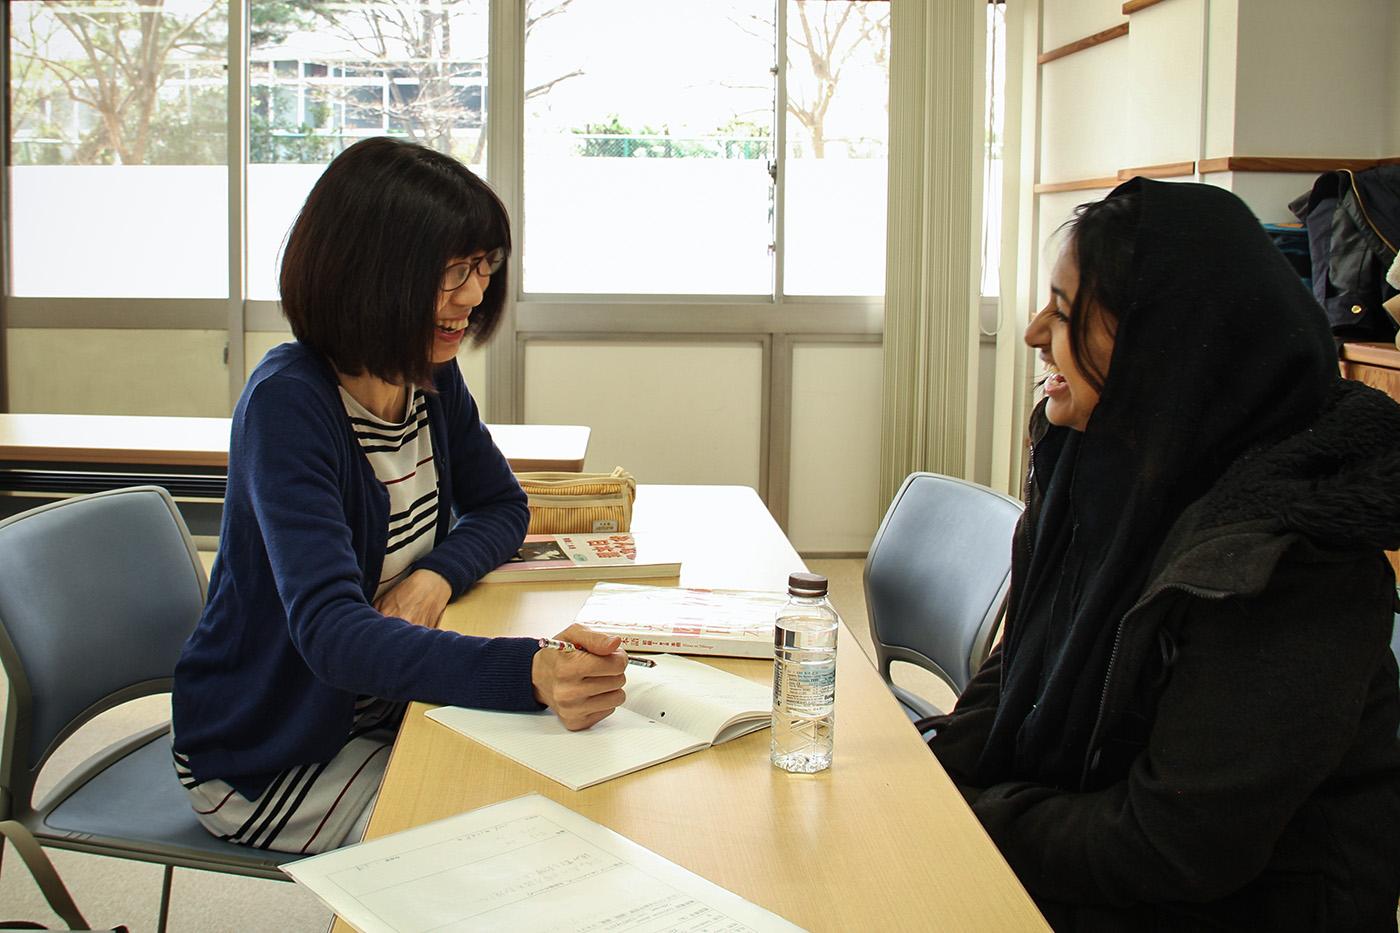 Le principal atout des leçons dispensées par l'association de Takiko Funaya: un prof = un élève.